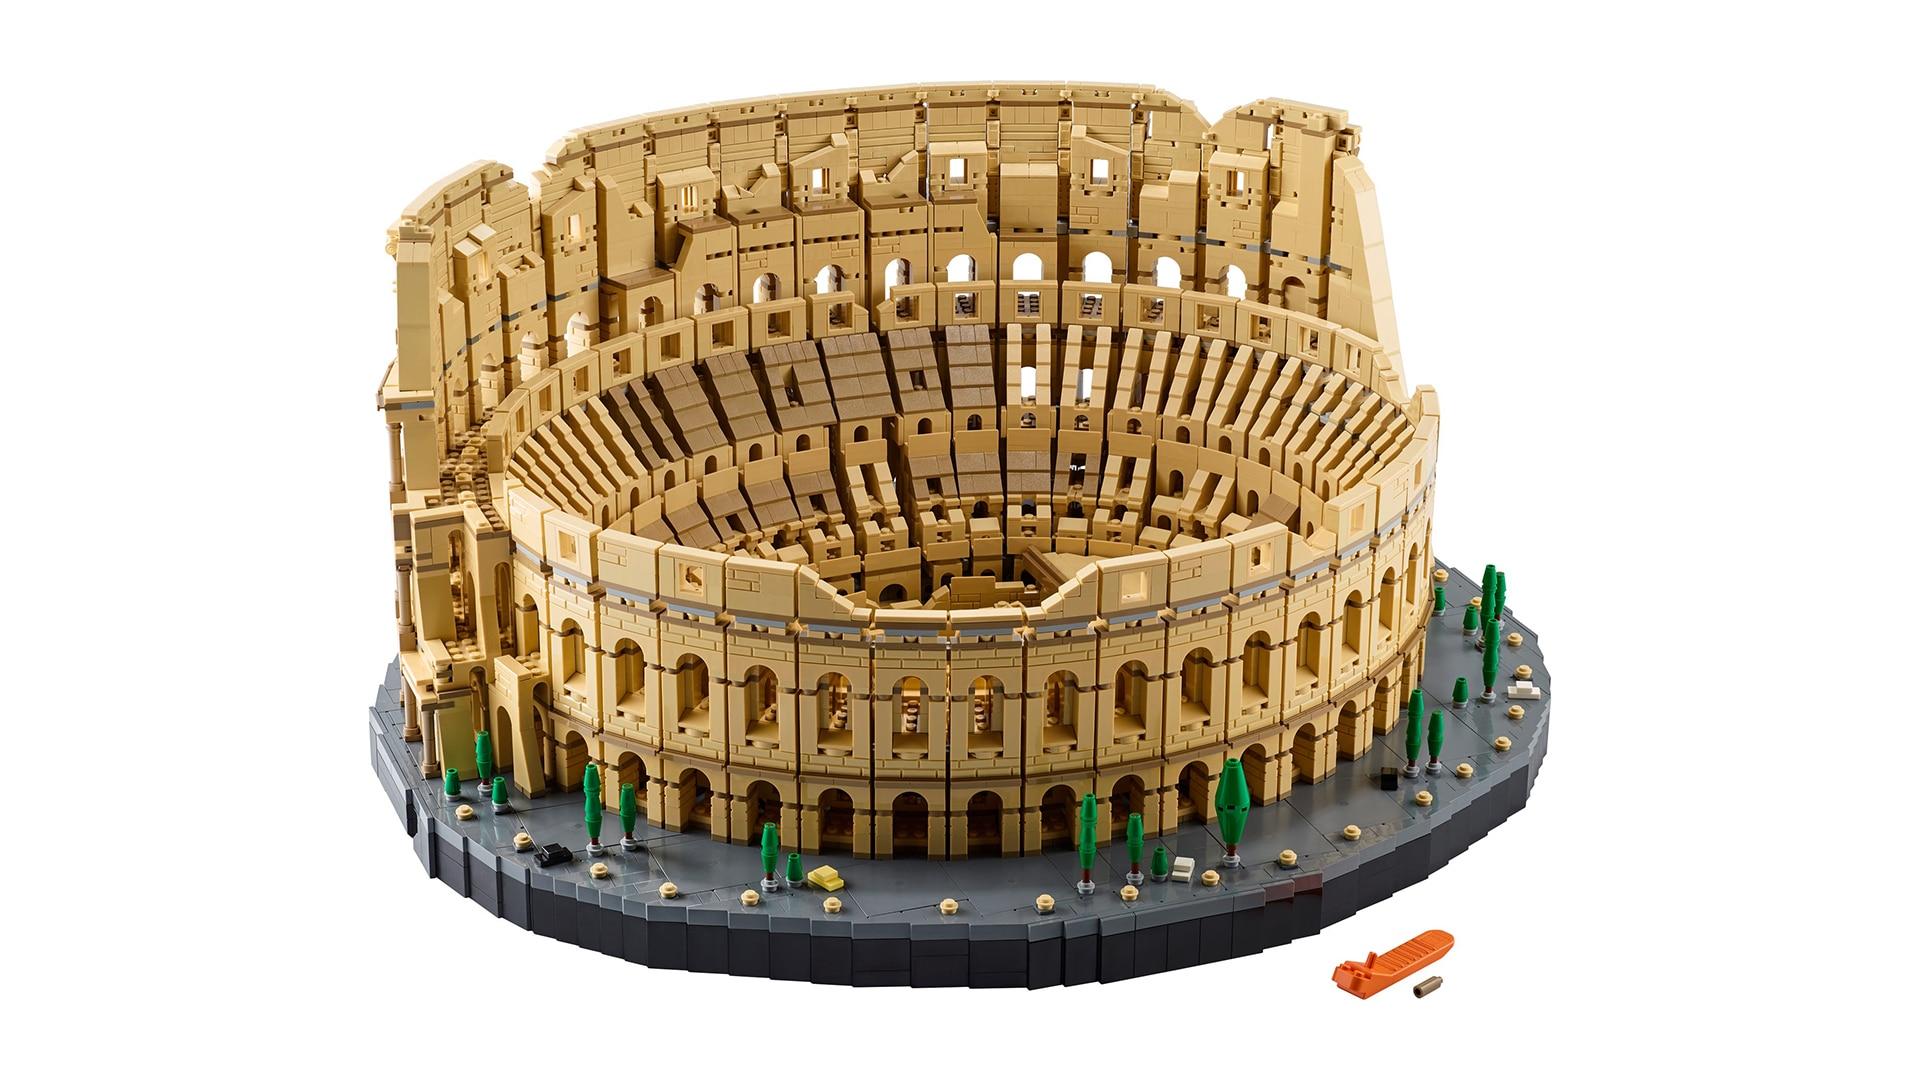 LEGO Il Colosseo, il set da quasi 10.000 pezzi è disponibile da oggi! (foto e video)